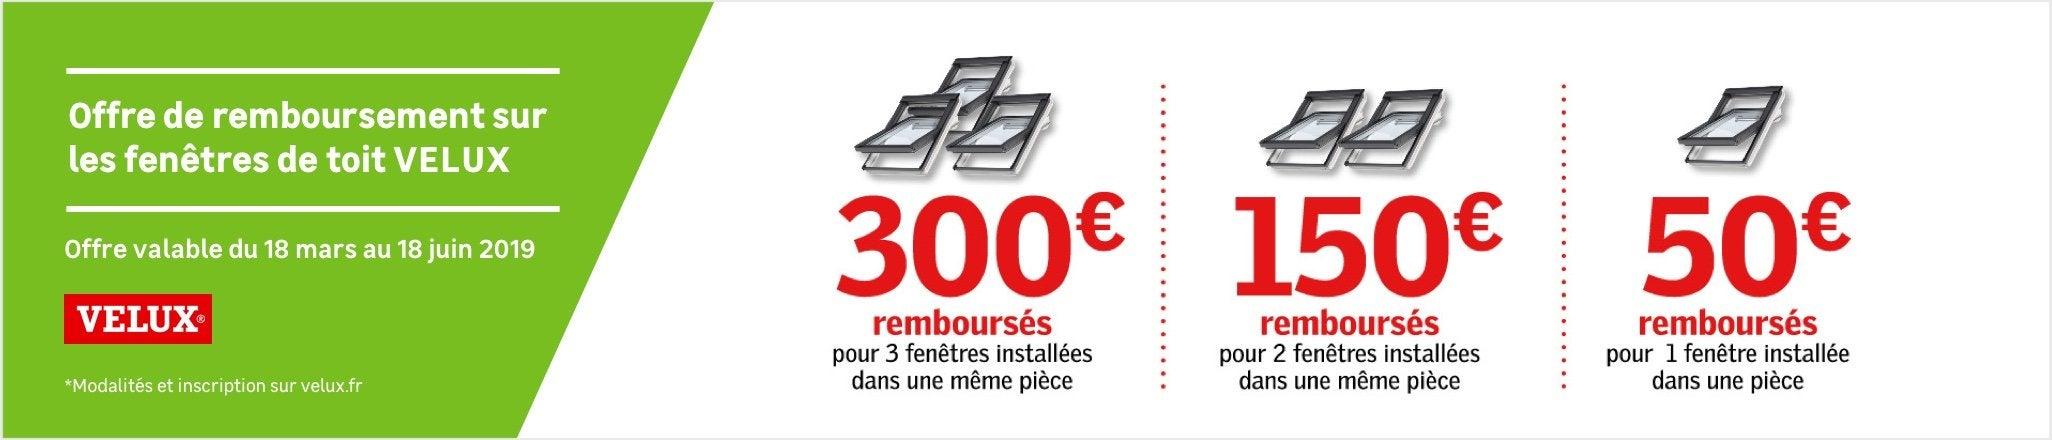 Offre De Remboursement Sur Les Fenetres De Toit Velux Jusqu Au 18 Juin 2019 Au Meilleur Prix Leroy Merlin